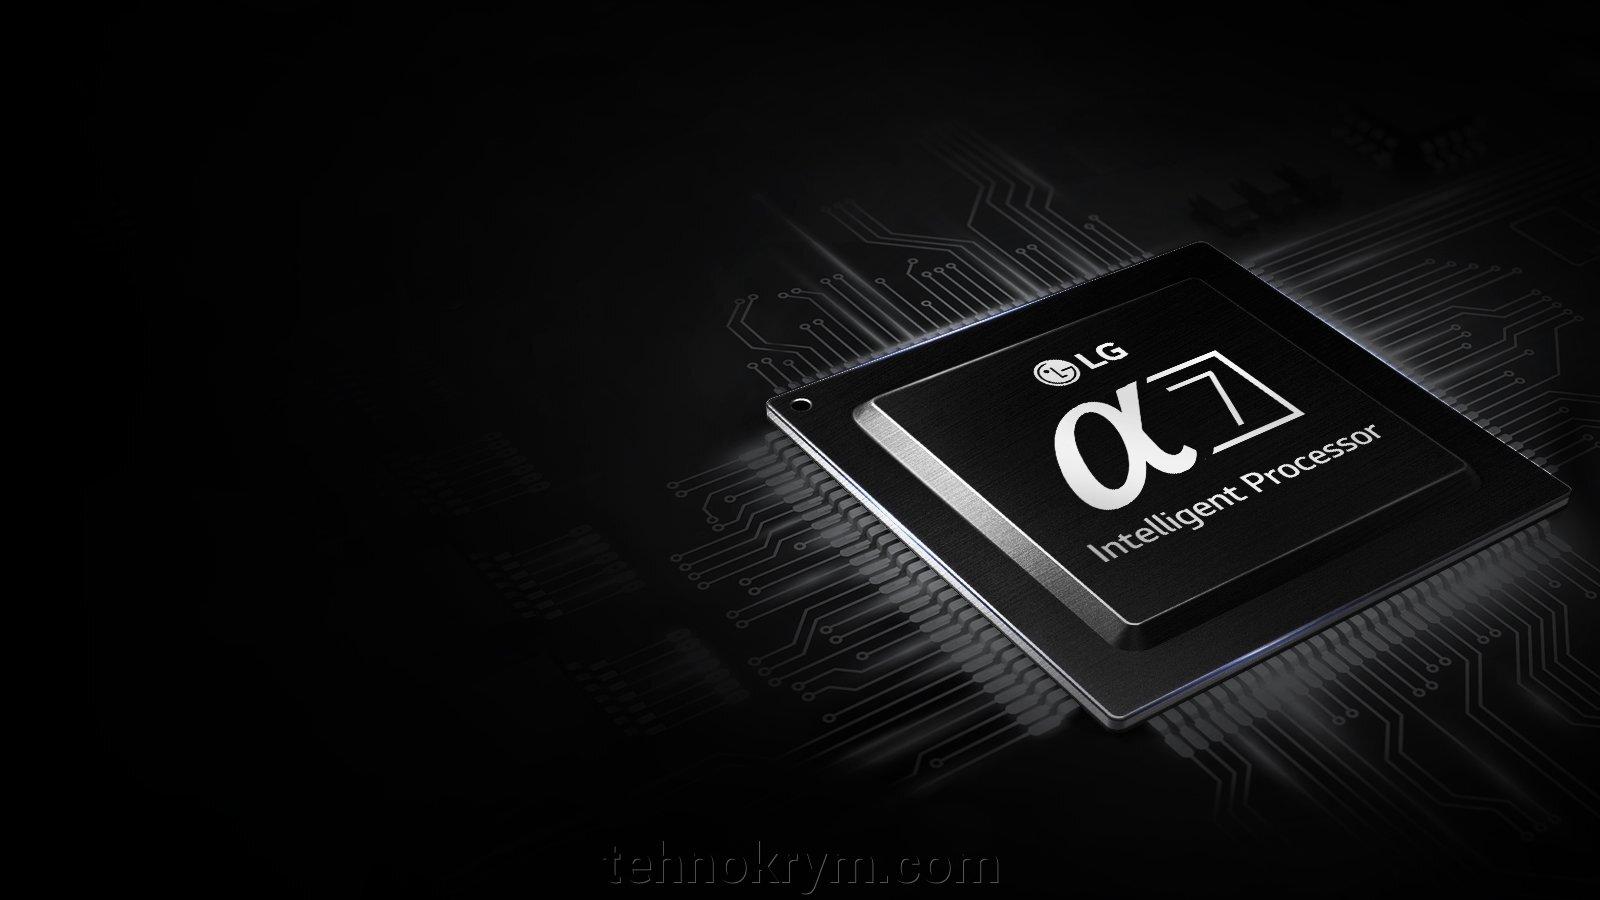 Smart OLED телевизор LG OLED55B8PLA, Ultra HD, серебристый, webOS 4.0, модельный ряд 2018 года - фото LG OLED55B8